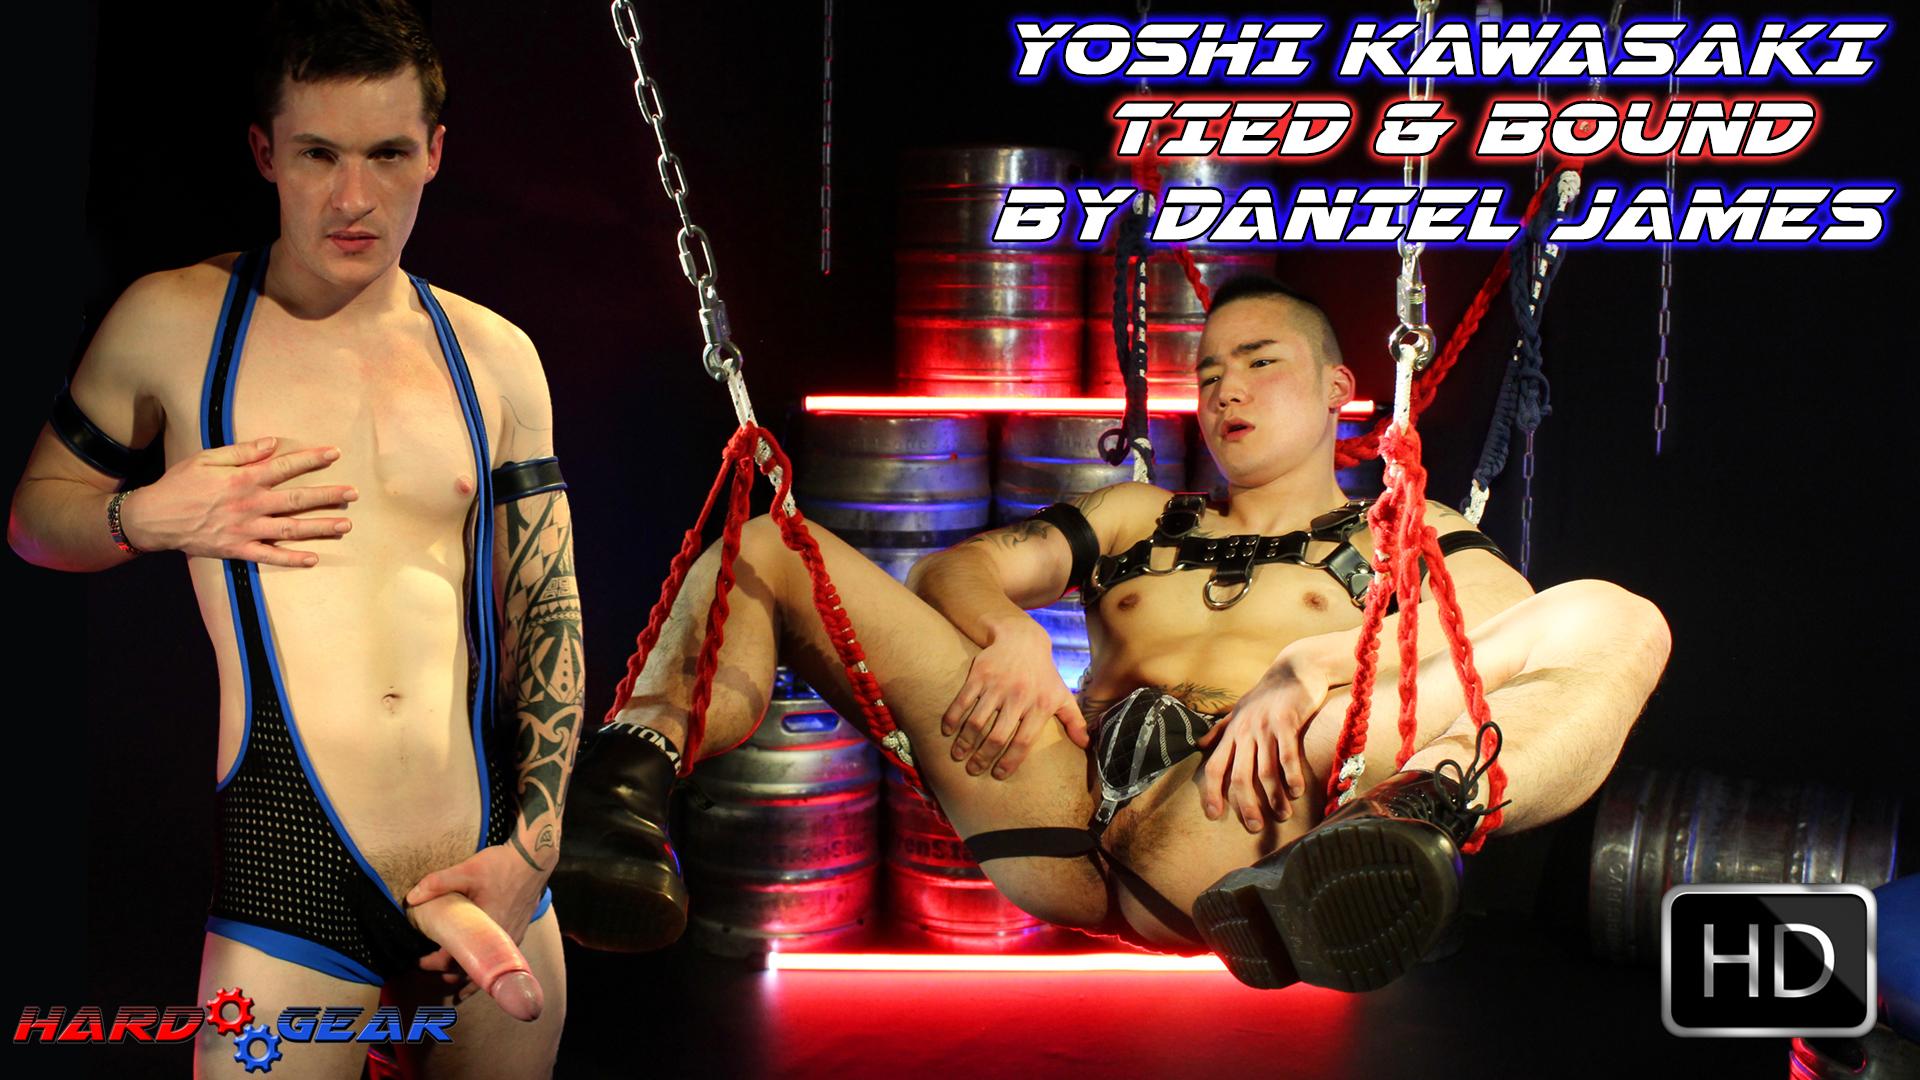 HG-Yoshi-TiedBound-ByDaniel.jpg